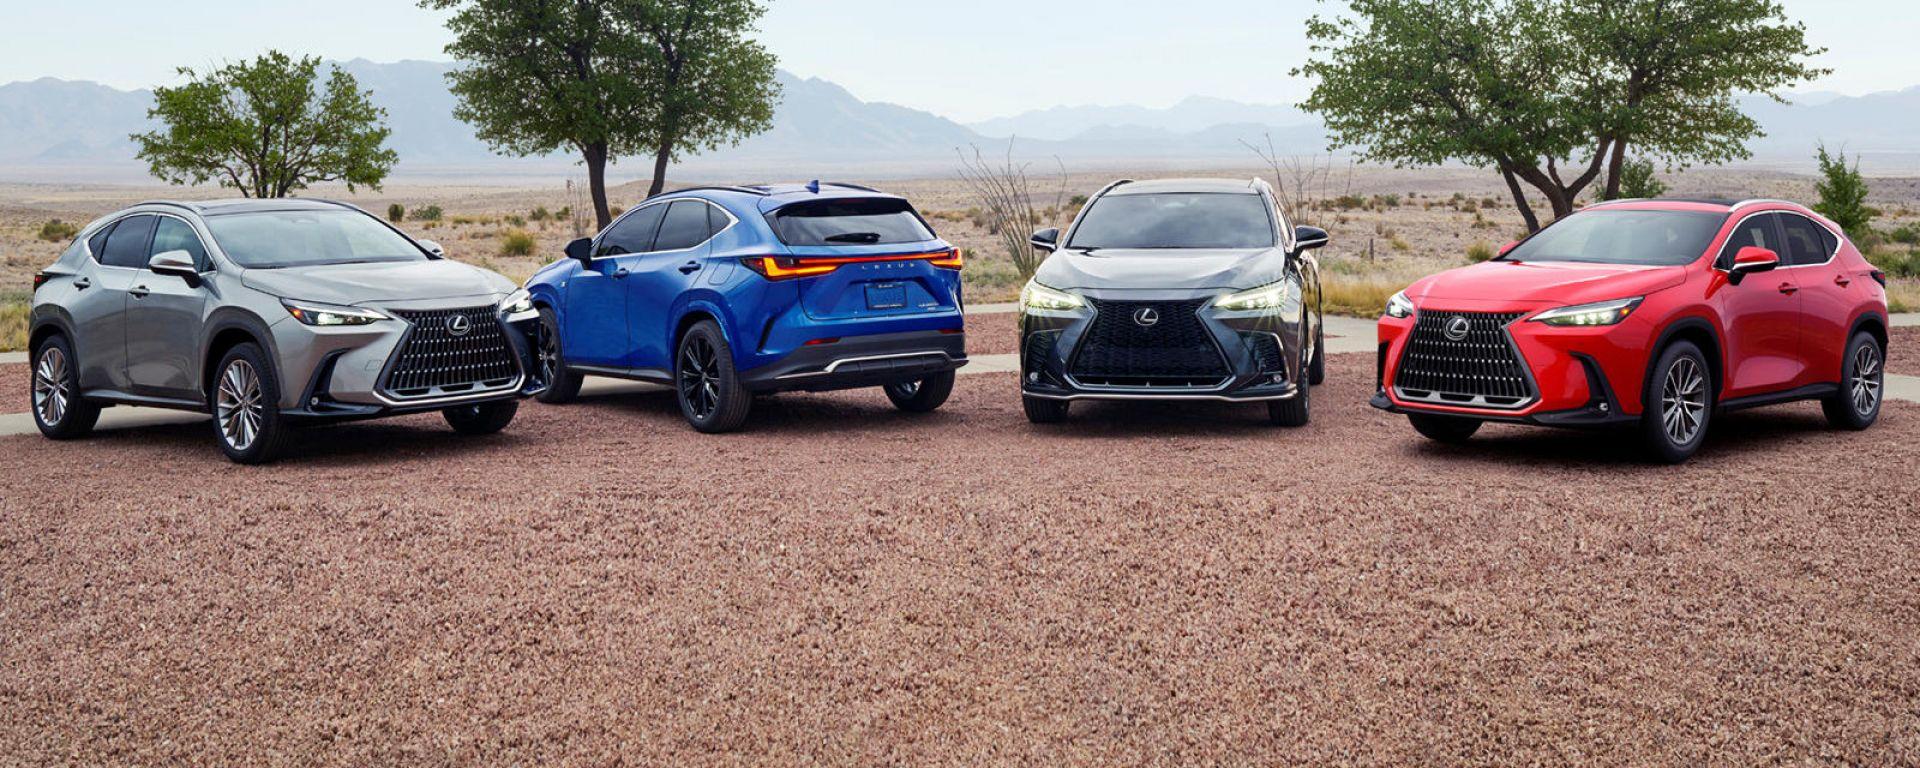 Nuova Lexus NX: in arrivo il SUV giapponese anche con motore plug-in hybrid